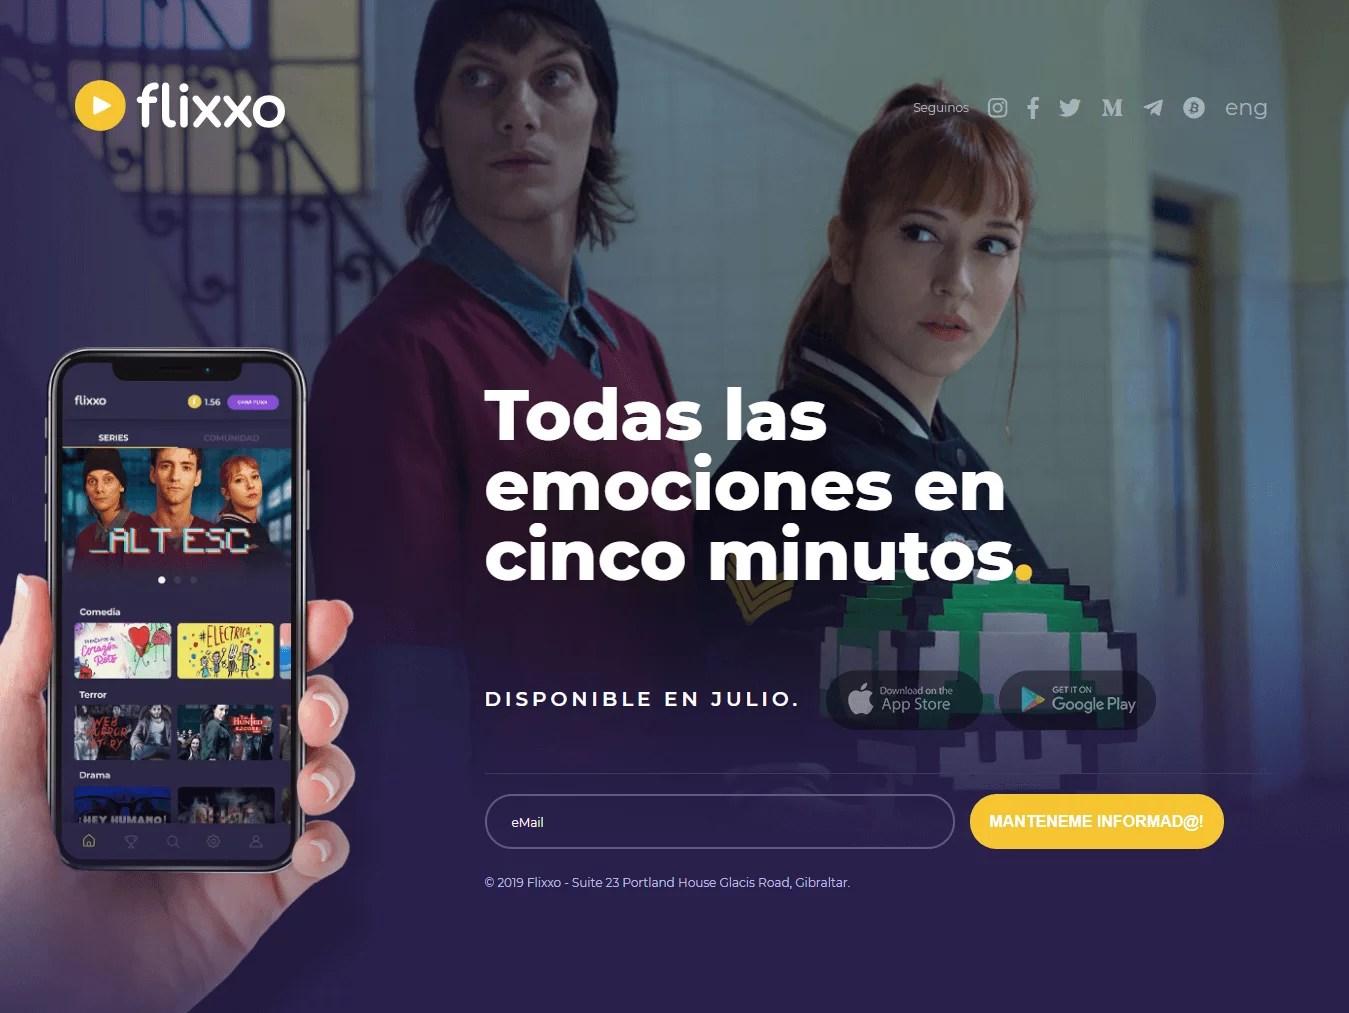 Página web de Flixxo anunciando su app móvil